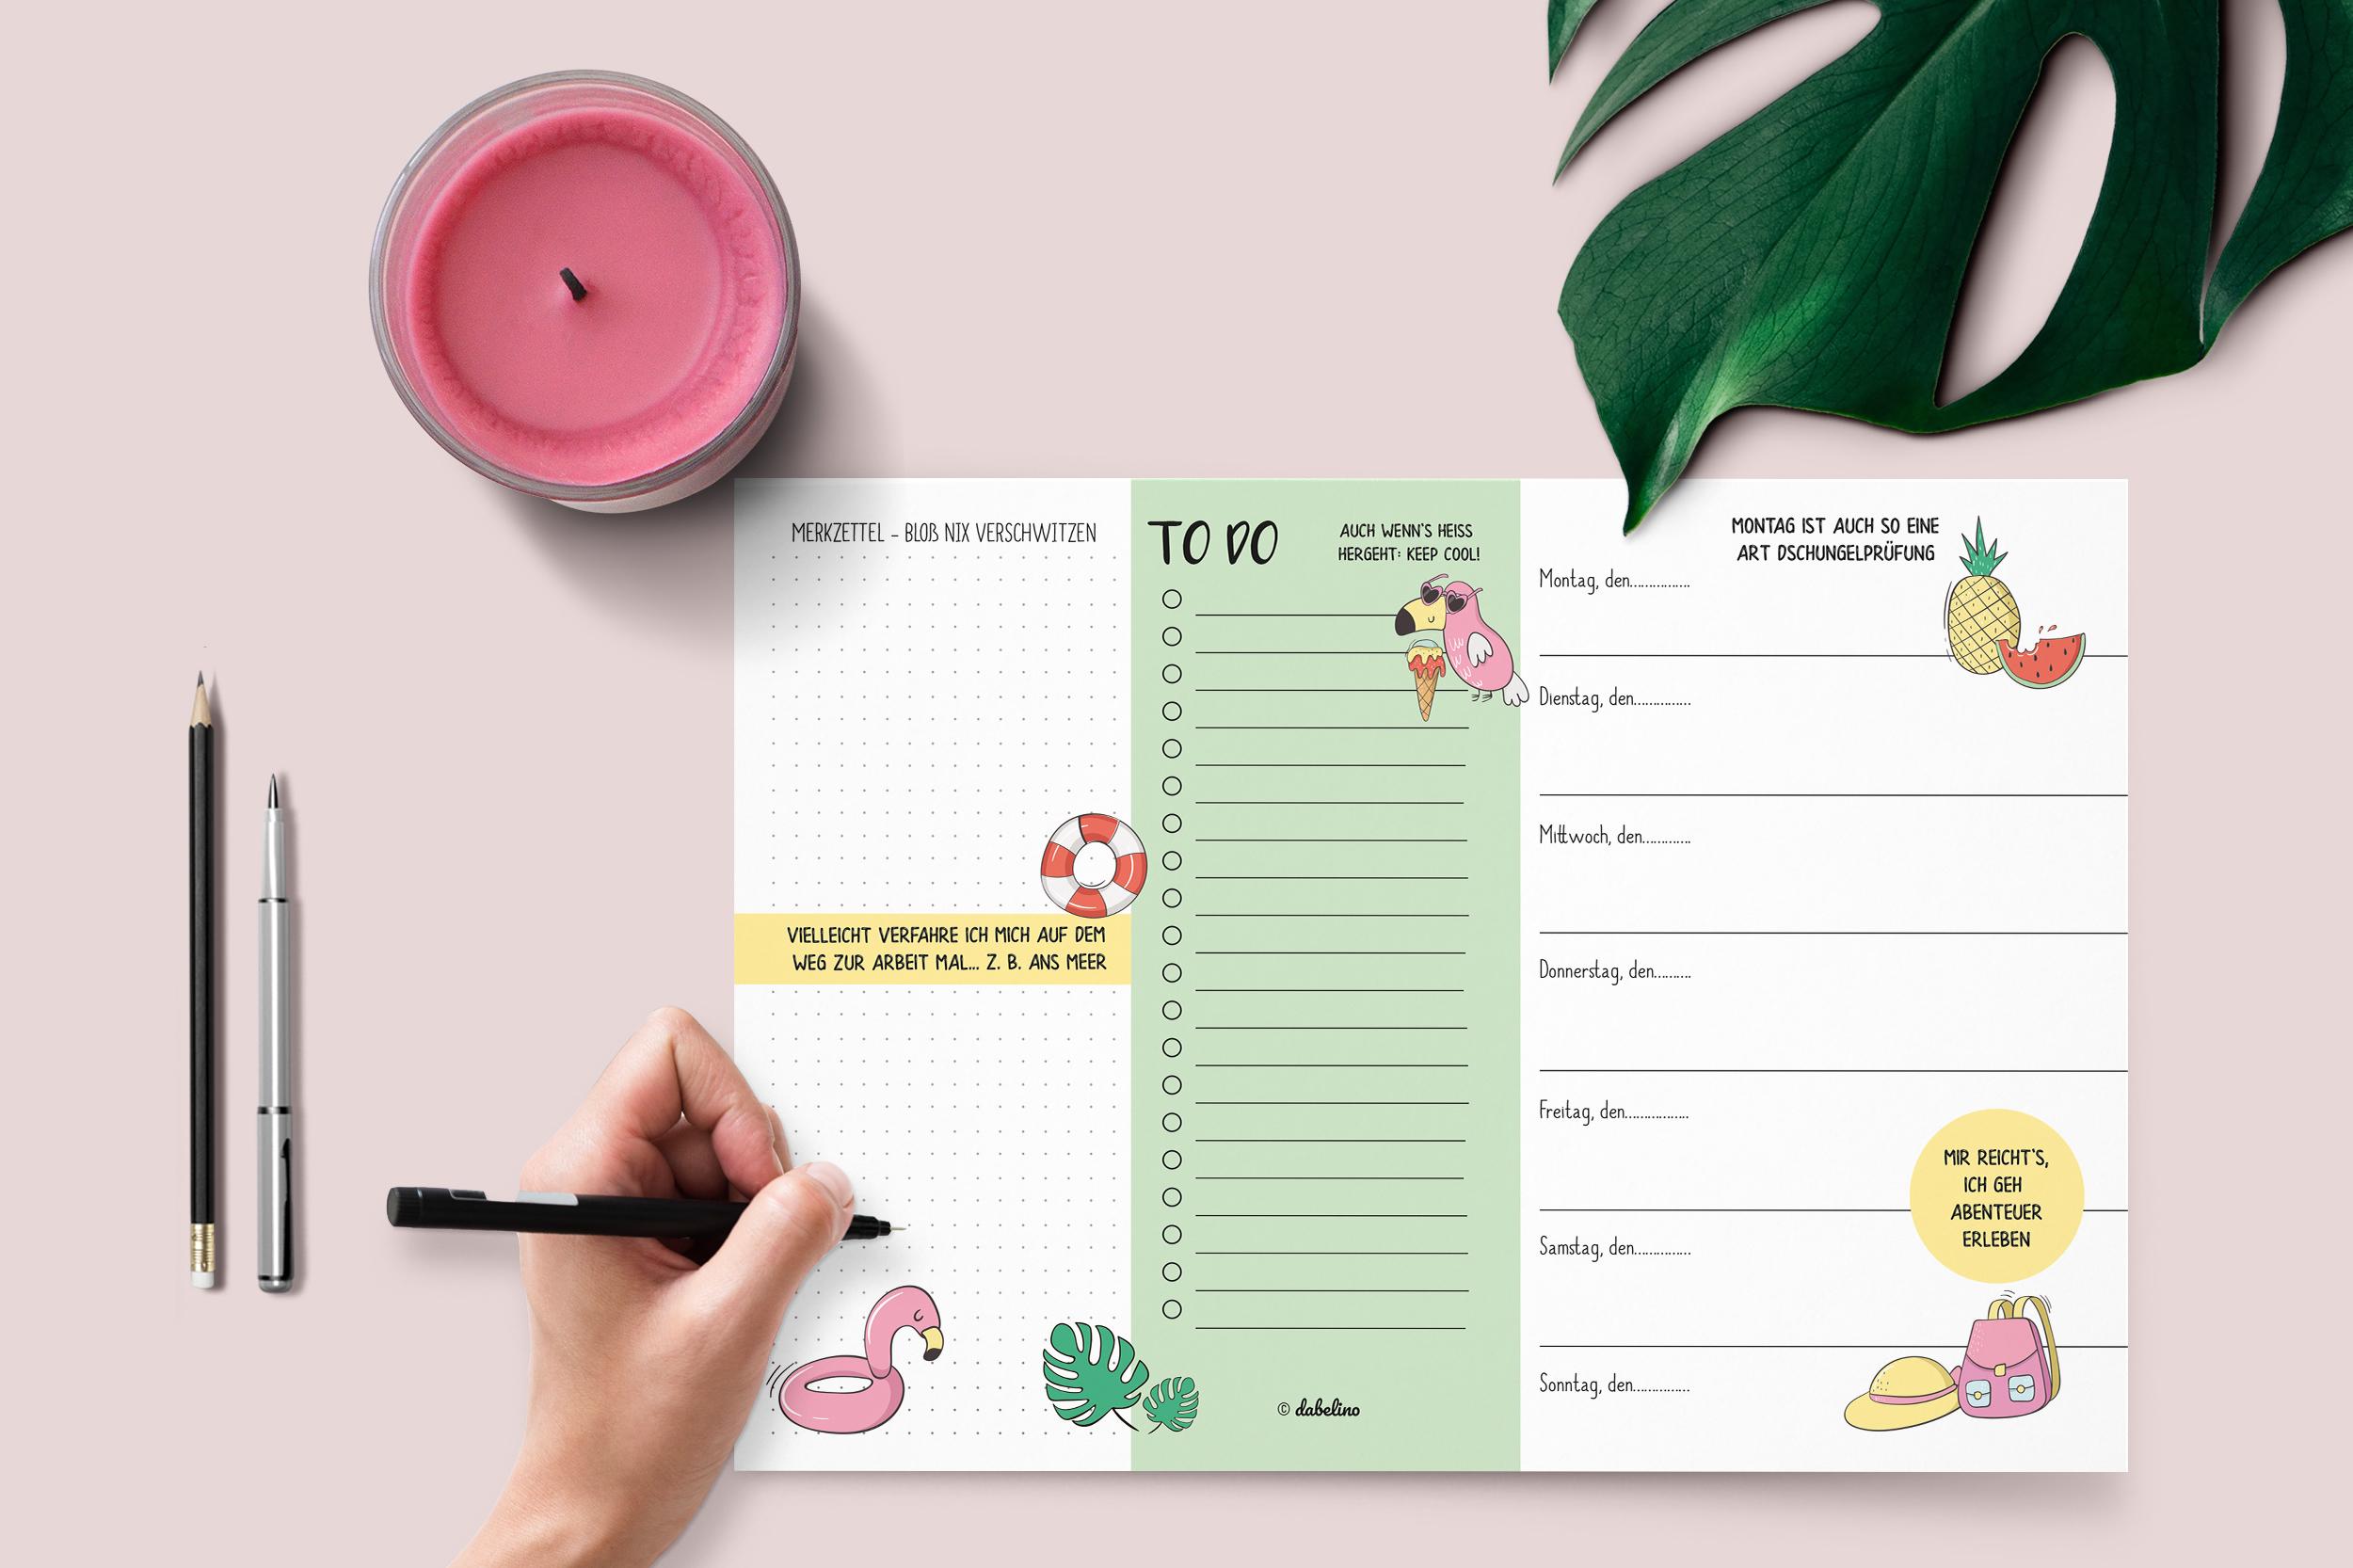 wochenplaner_kalender_ohne_datum_block_a4_flamingo_to_do_liste_urlaub_ferien_packliste_ananas_monstera_melone_tropisch_dabelino_01.jpg